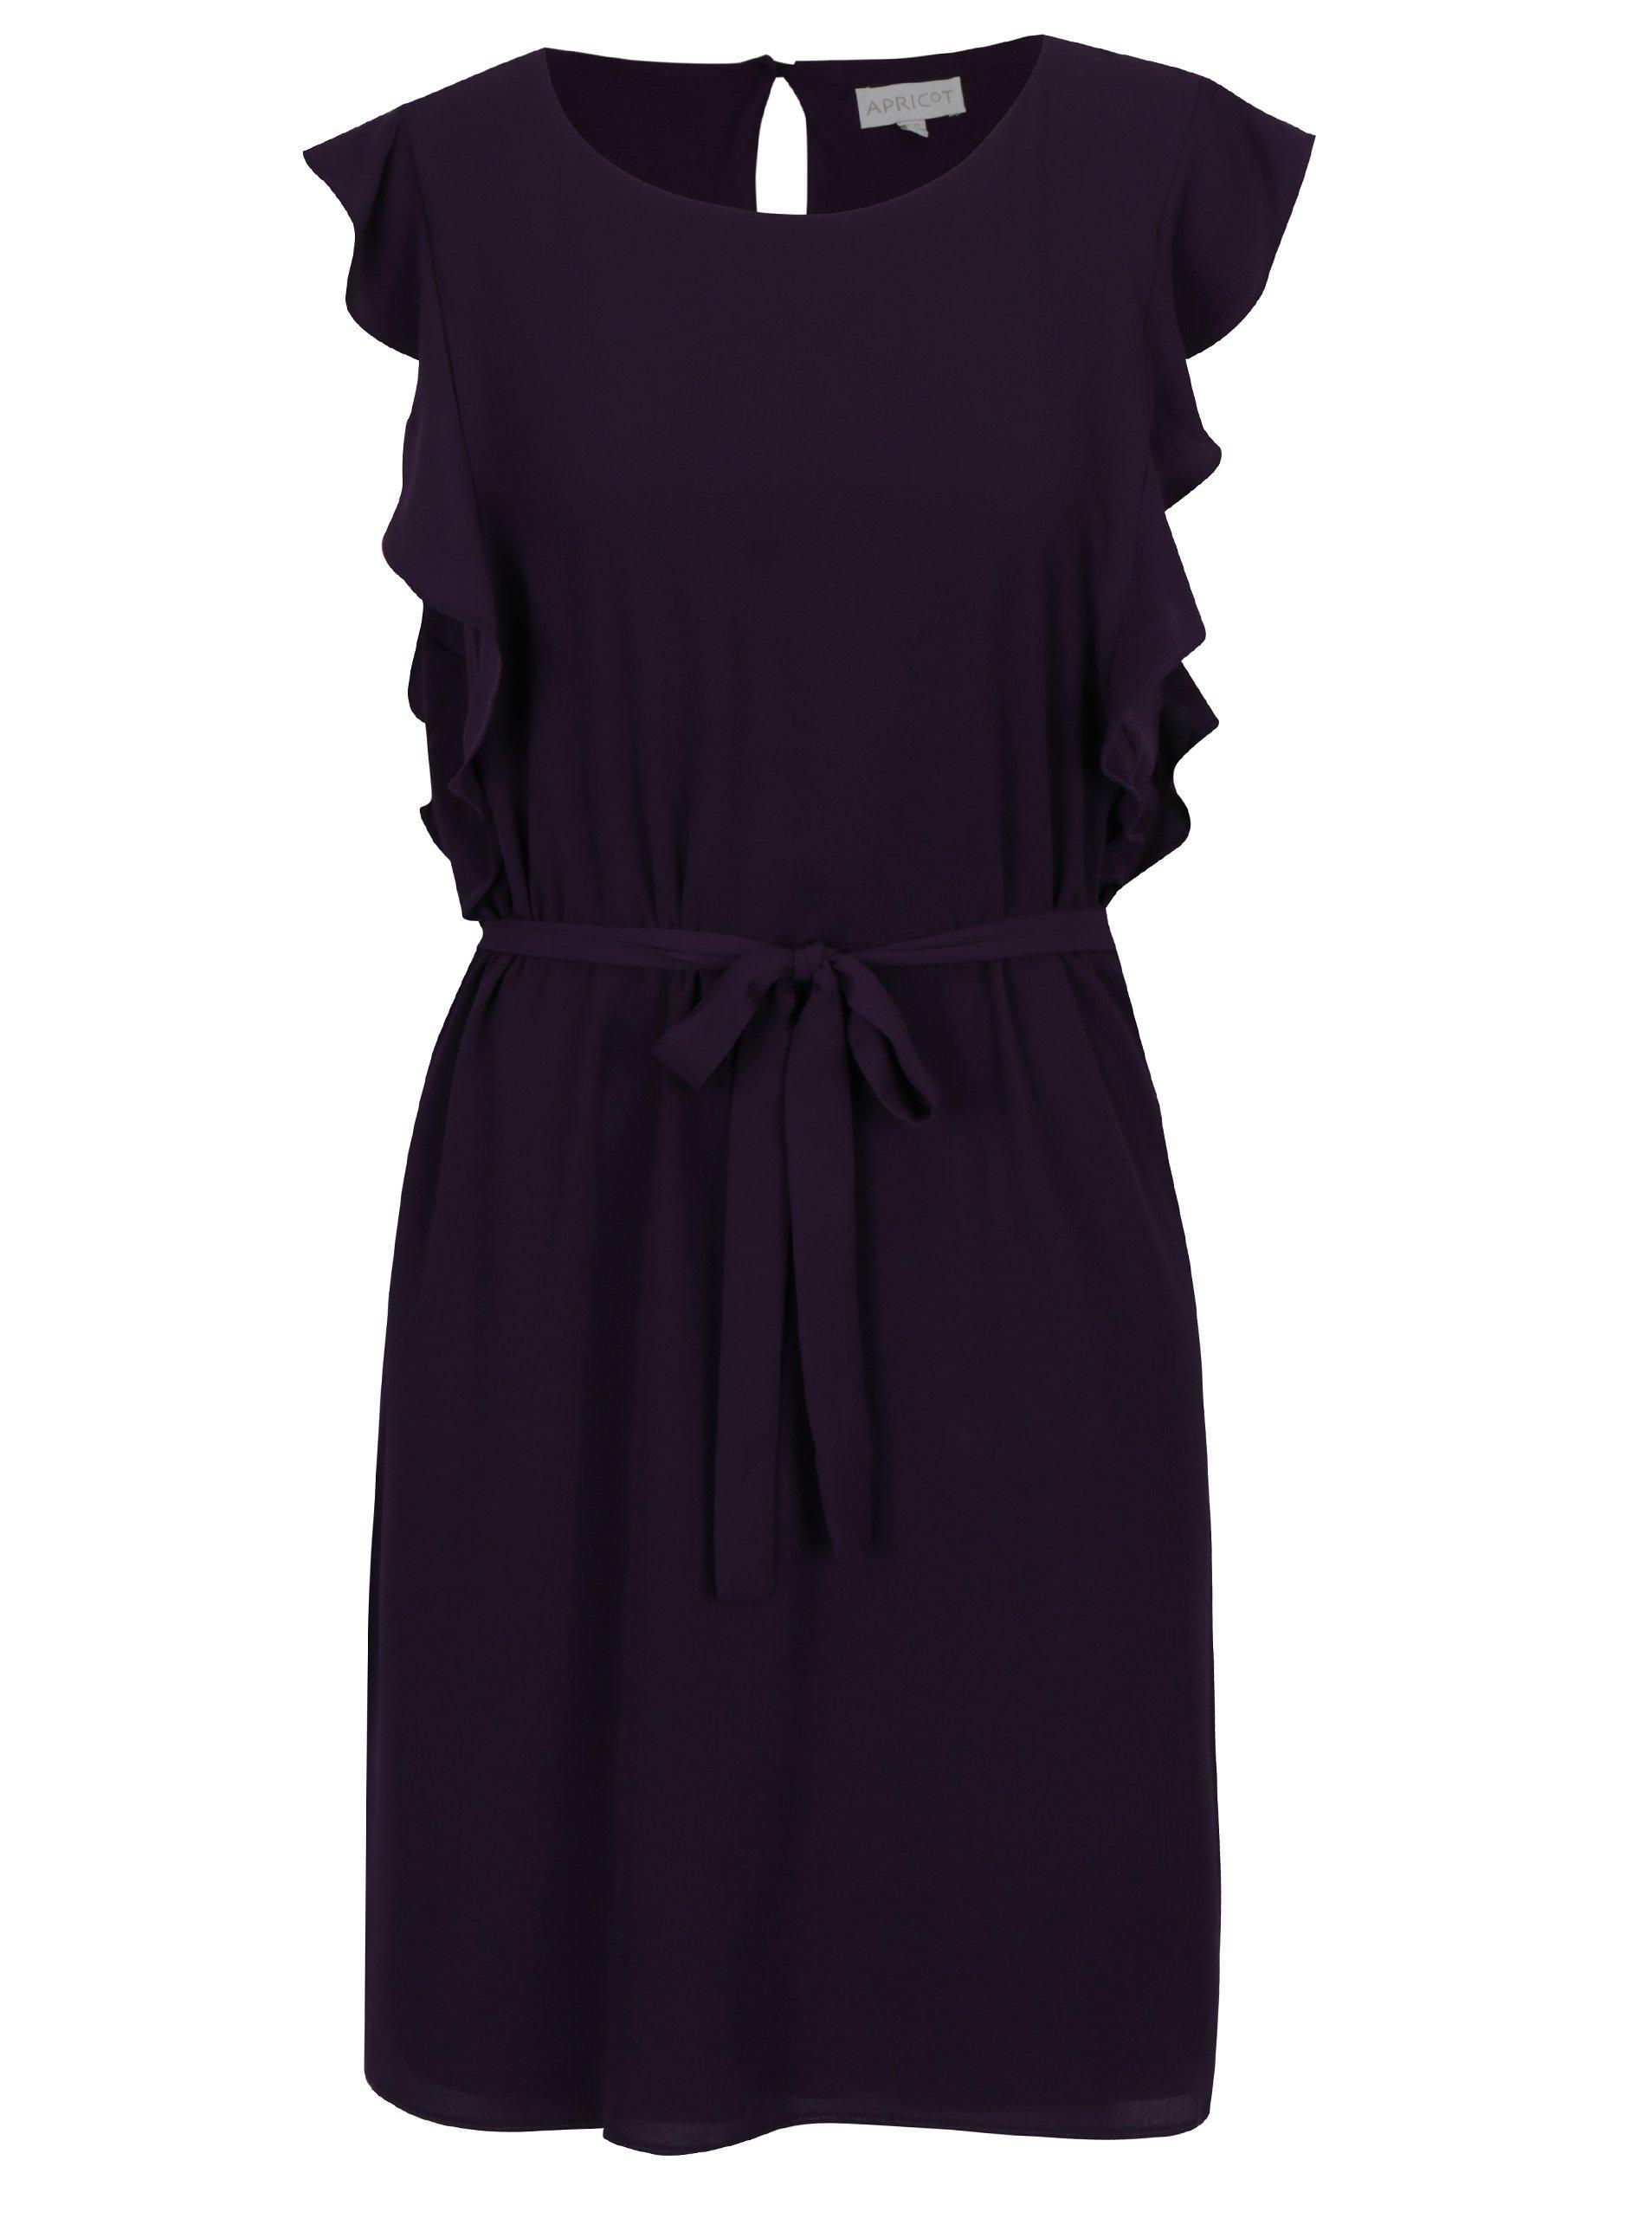 a0081ec396d2 Tmavofialové rovné šaty s volánmi na ramenách Apricot